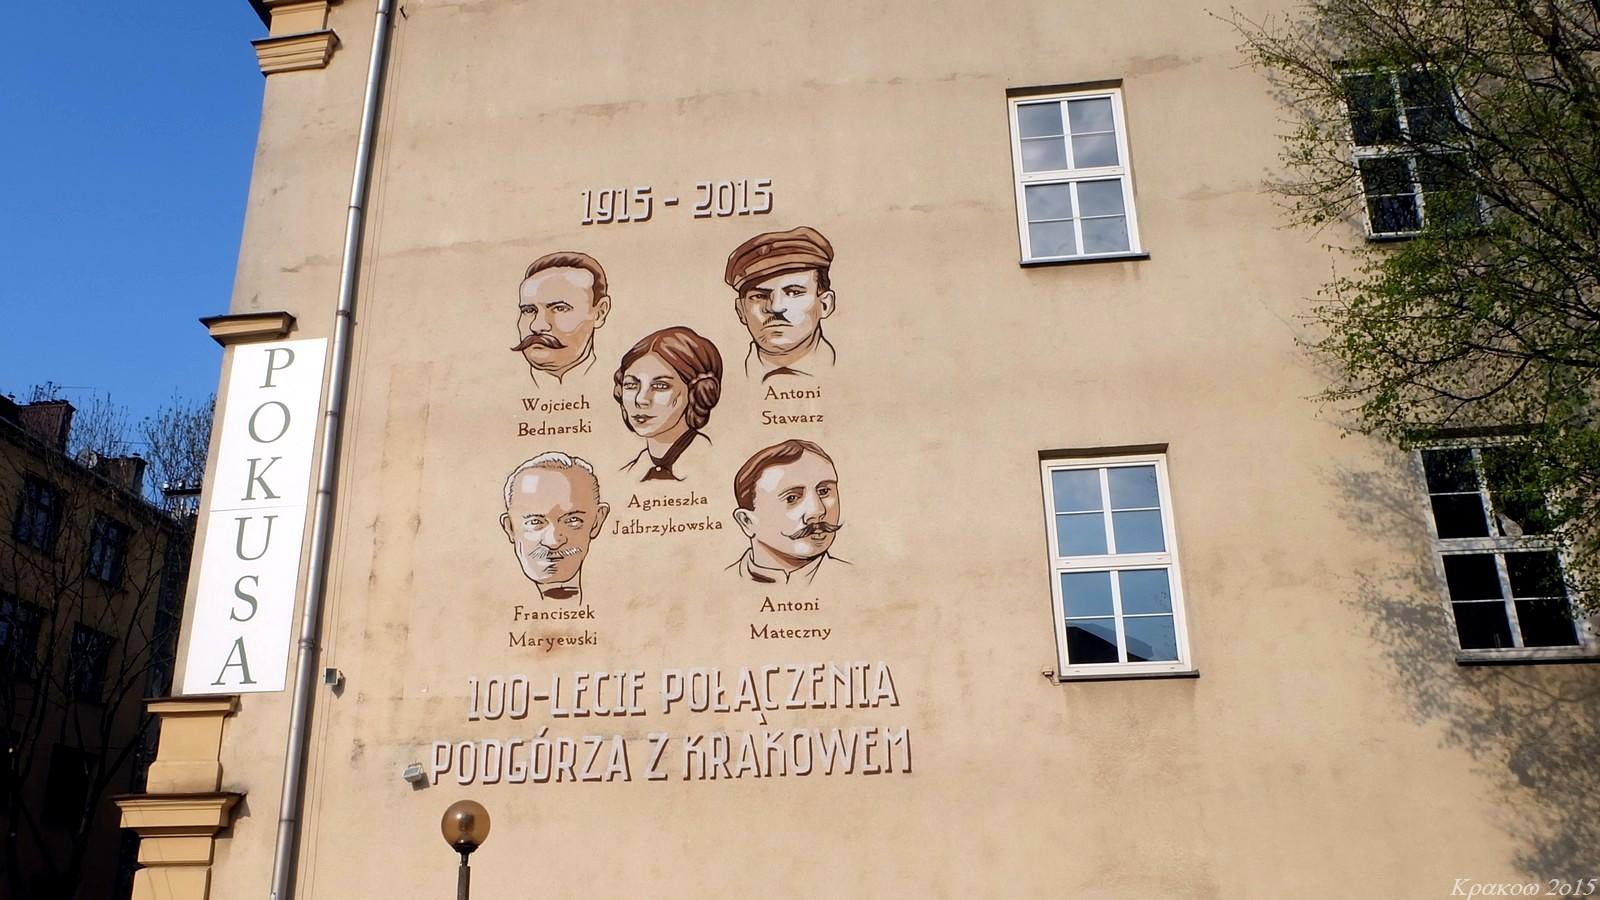 Plac Niepodległości, Krakow, Poland